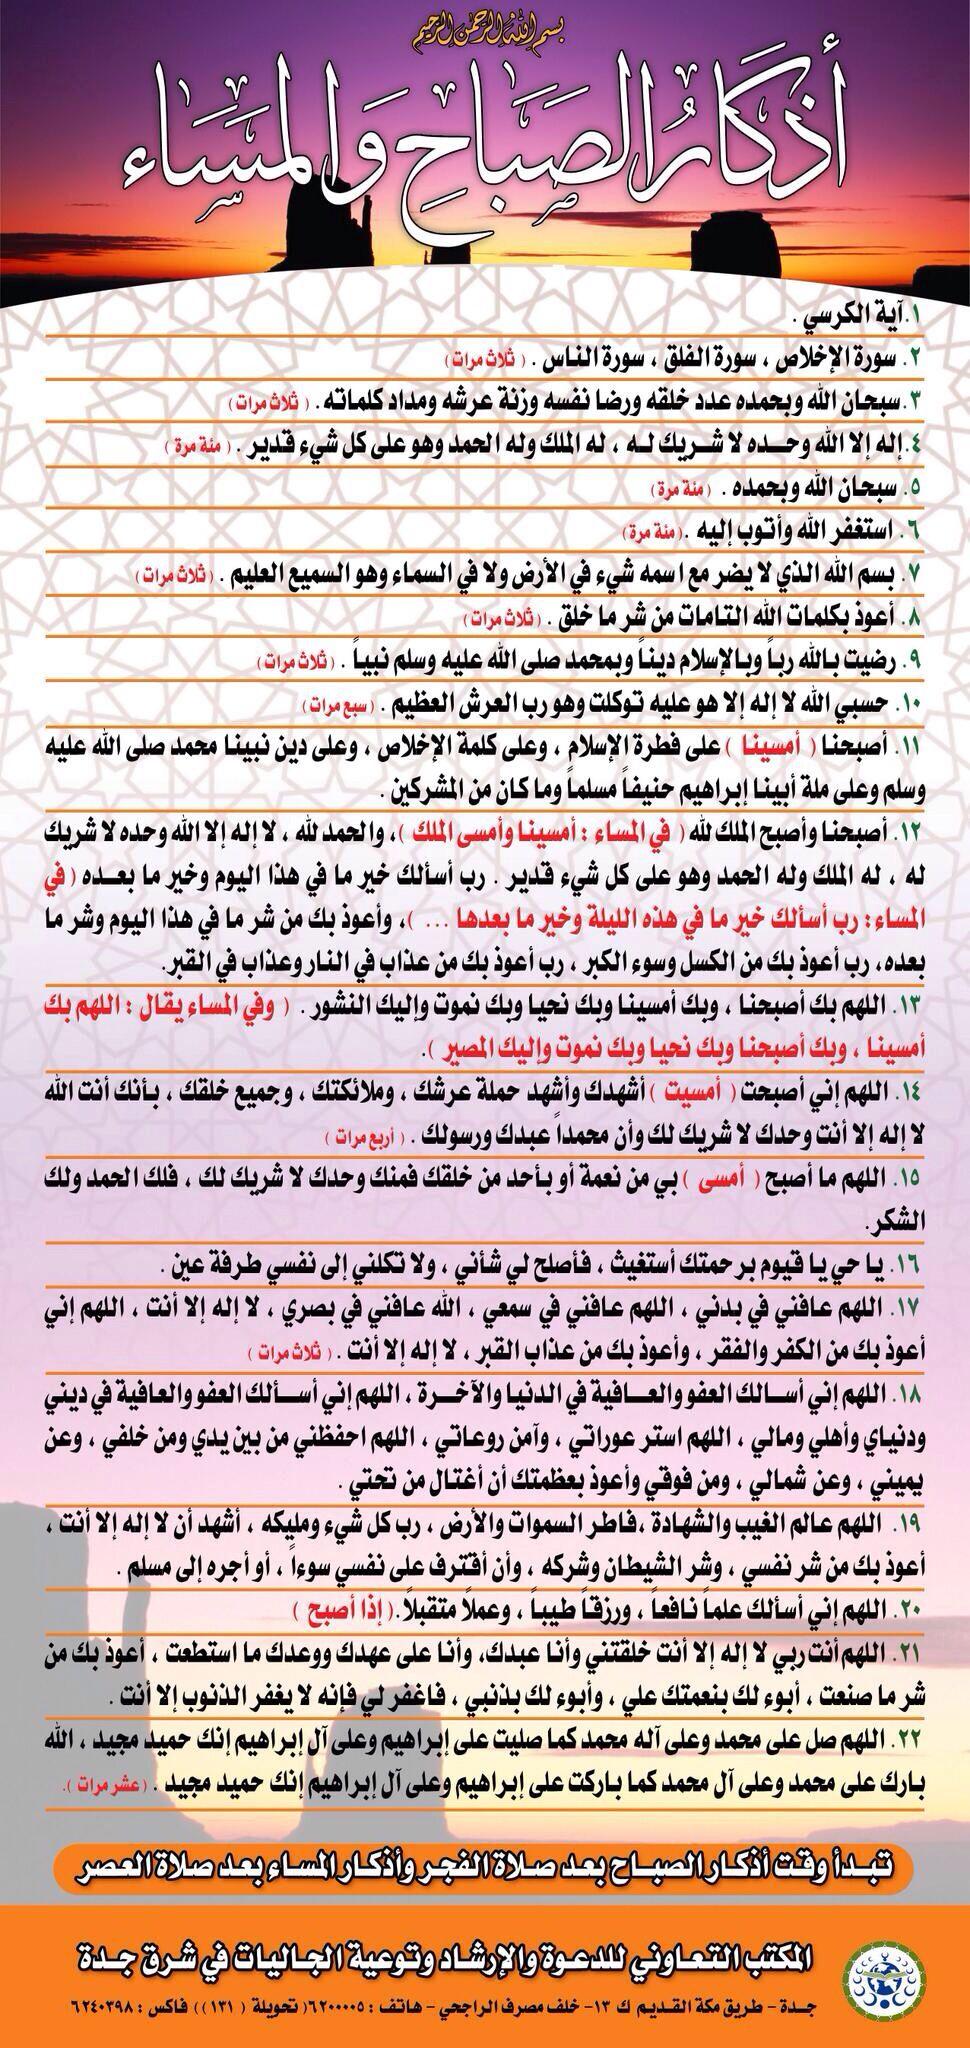 أذكار الصباح و المساء Quotes For Book Lovers Islam Facts Quran Quotes